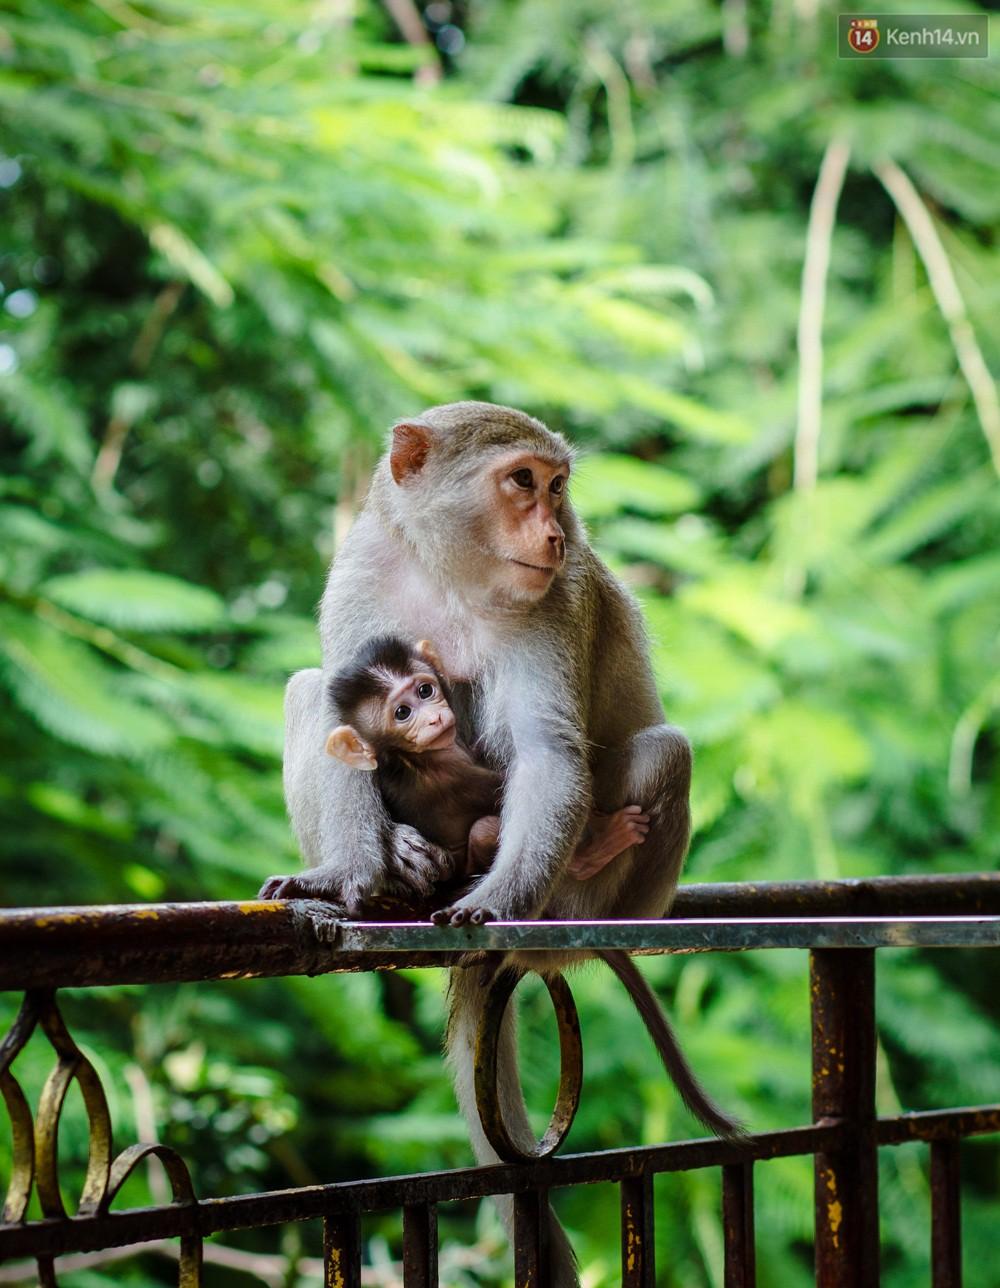 Chùm ảnh: Chuyện về đàn khỉ đuôi dài nương náu trong ngôi chùa ở Vũng Tàu, sống nhờ thức ăn của du khách - Ảnh 1.